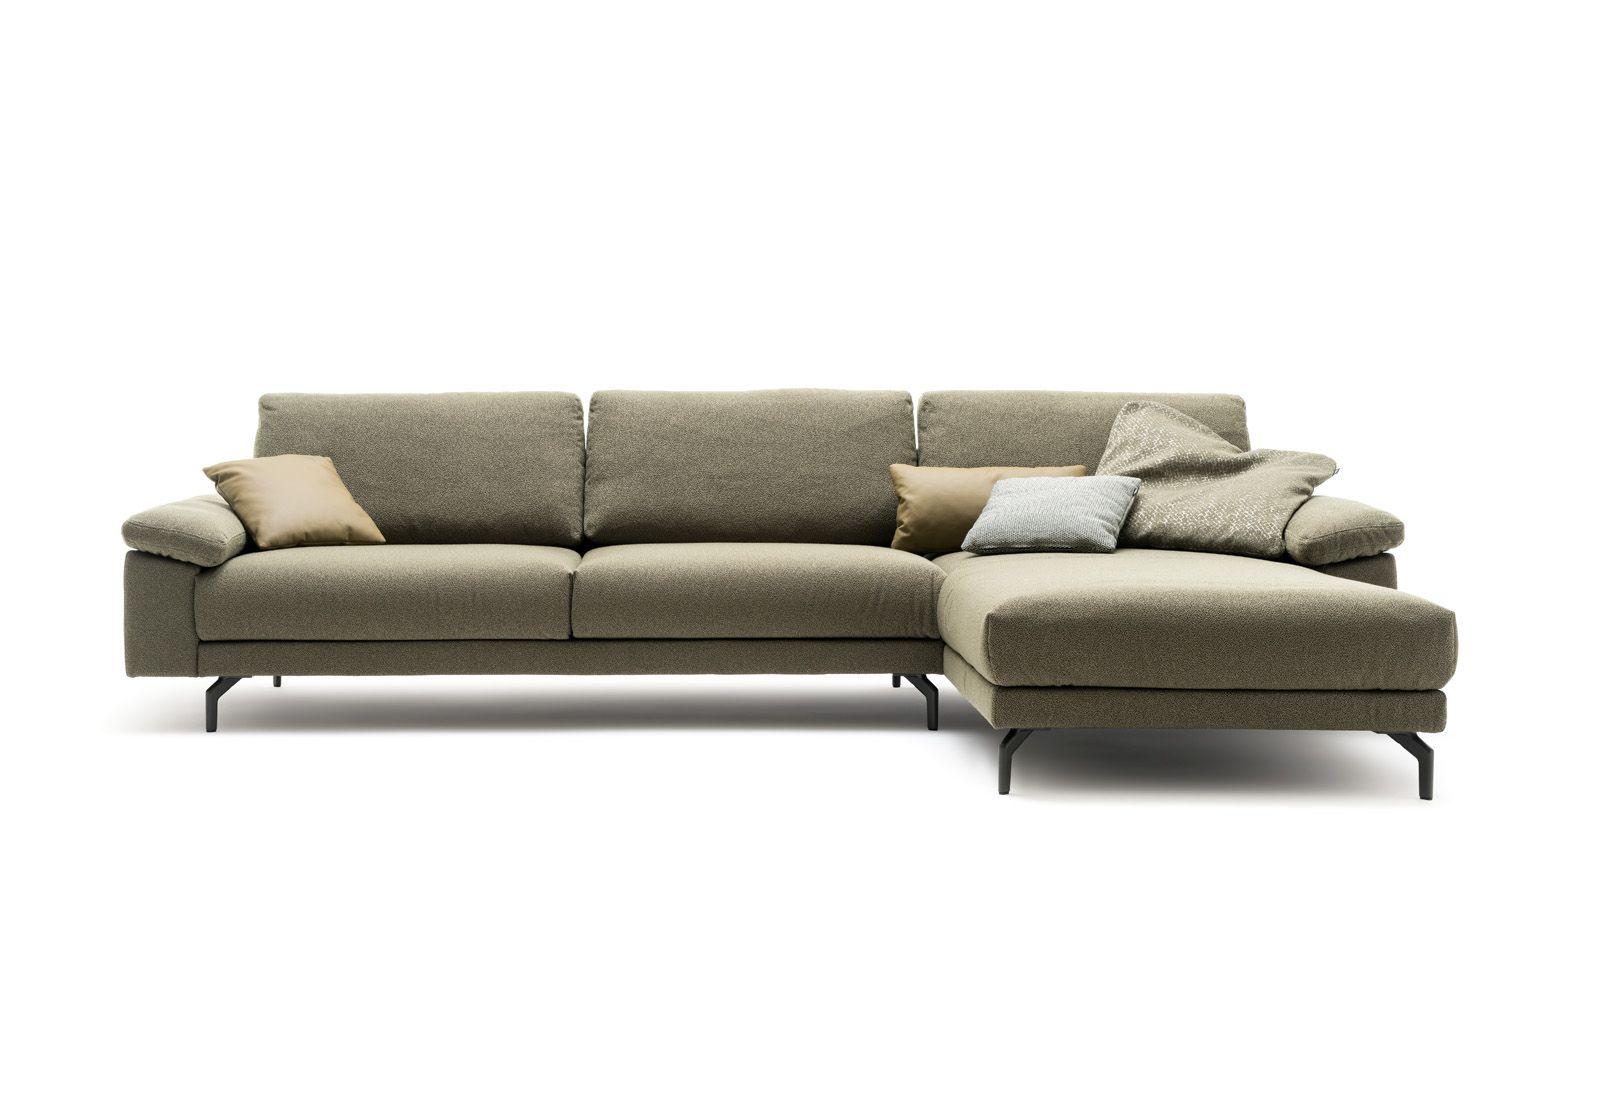 Schön Hülsta Couch Das Beste Von Hülsta Sofa Hs.450 Individuelles Sofa Programm Zur